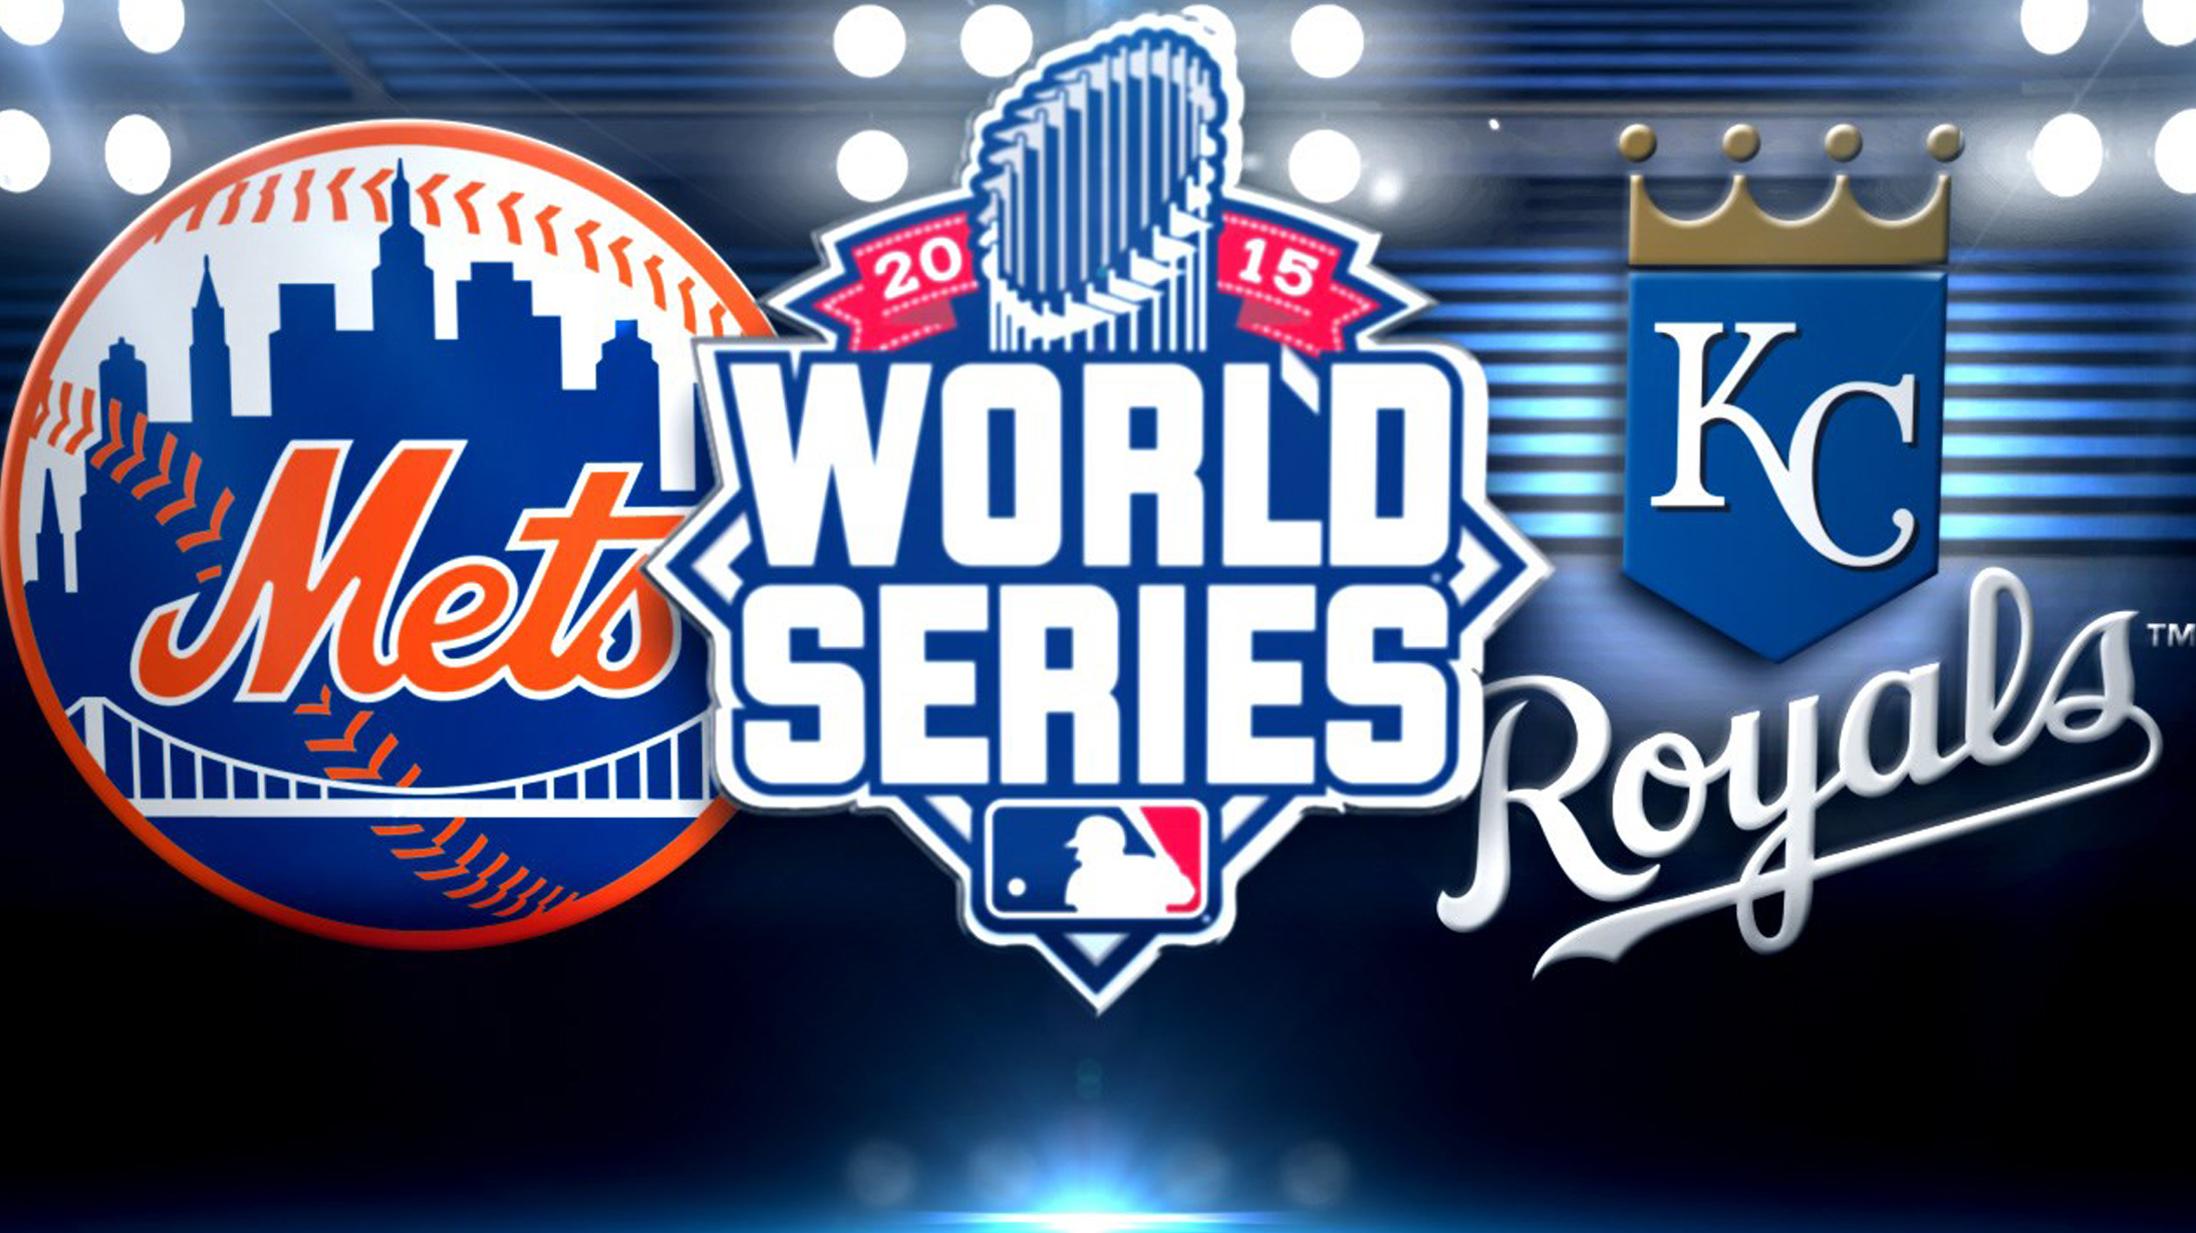 World Series 2015 FOR WEB_1445981870428.jpg